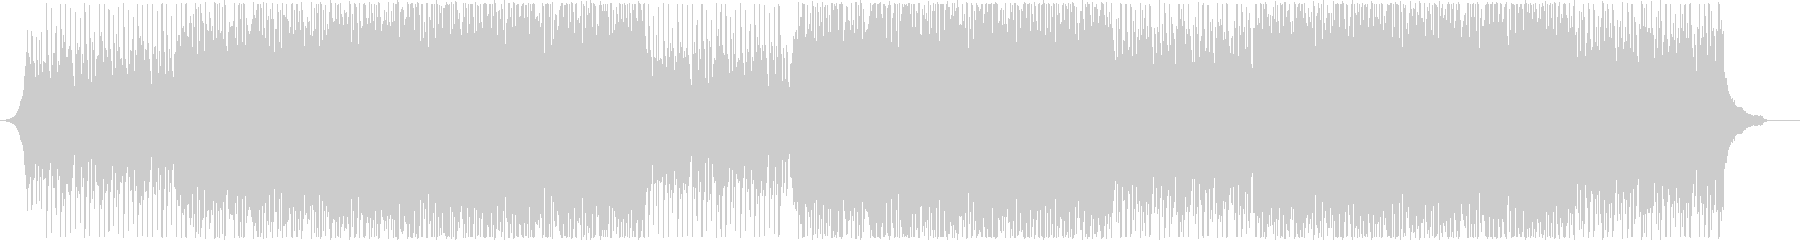 映像・企業VP 創造的なワクワク感(C)の未再生の波形